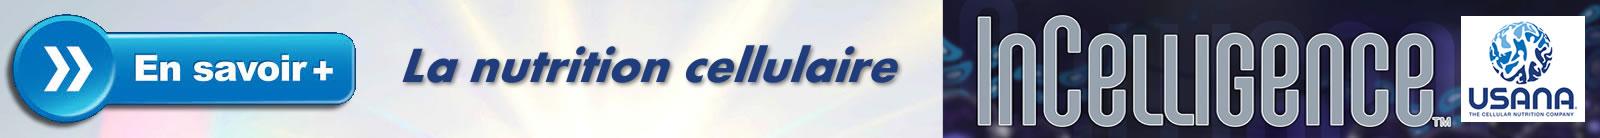 USANA Nutrition cellulaire